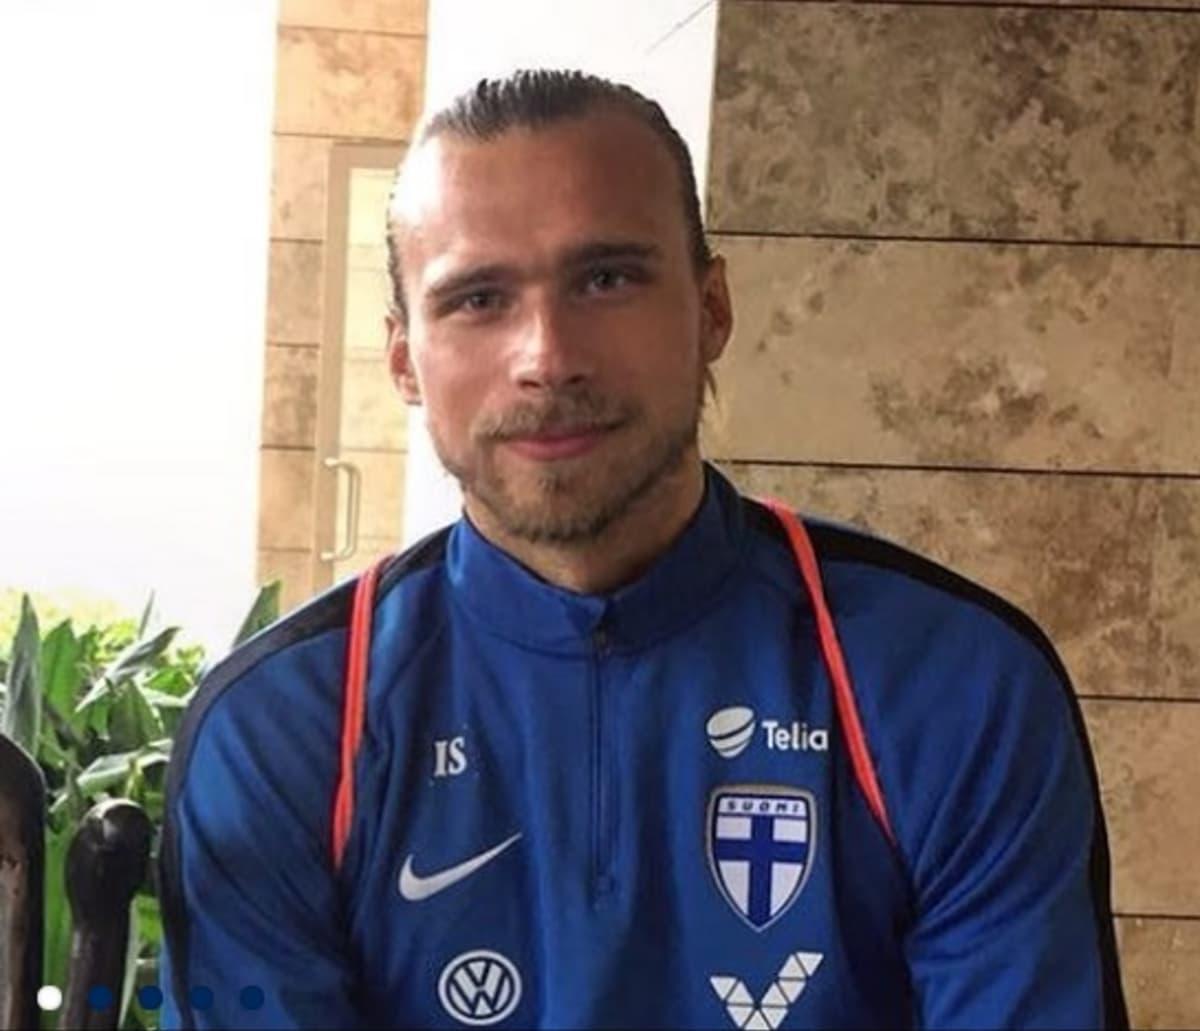 Kalle Taimi